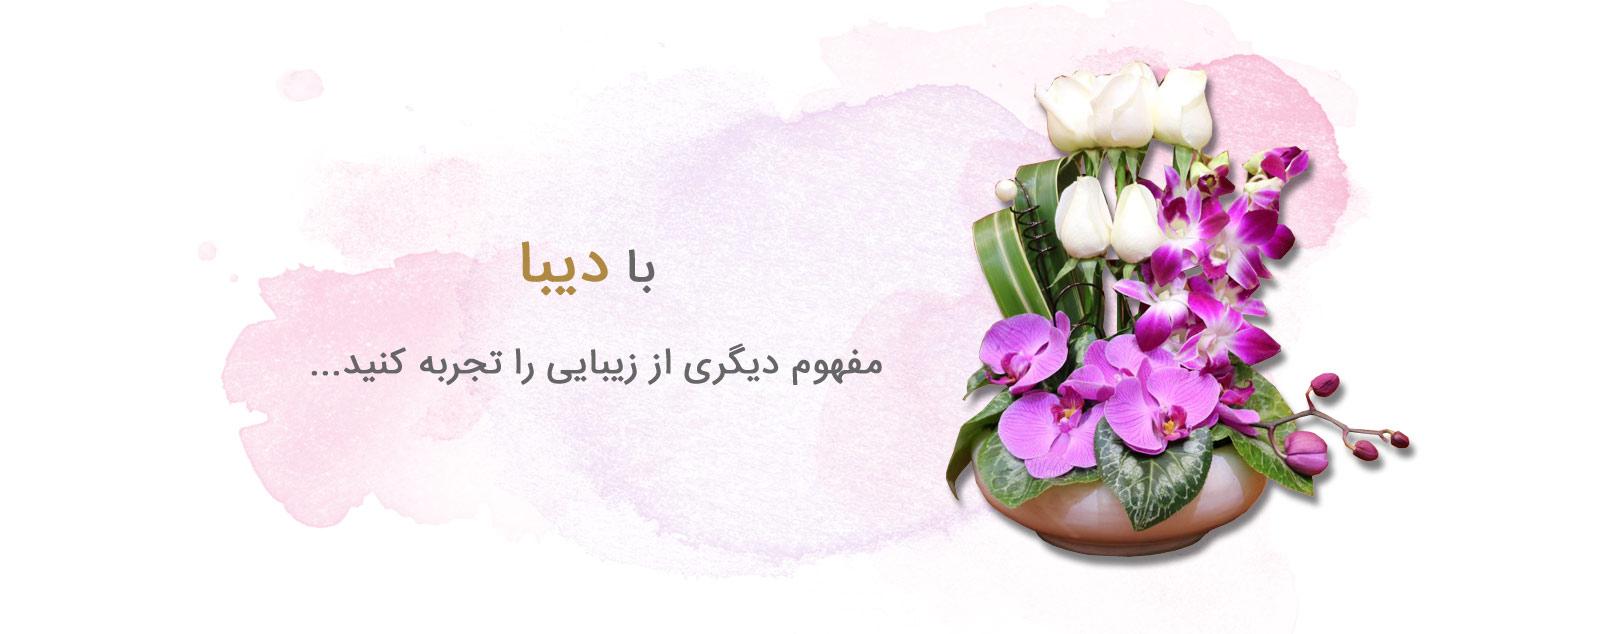 گل دیبا